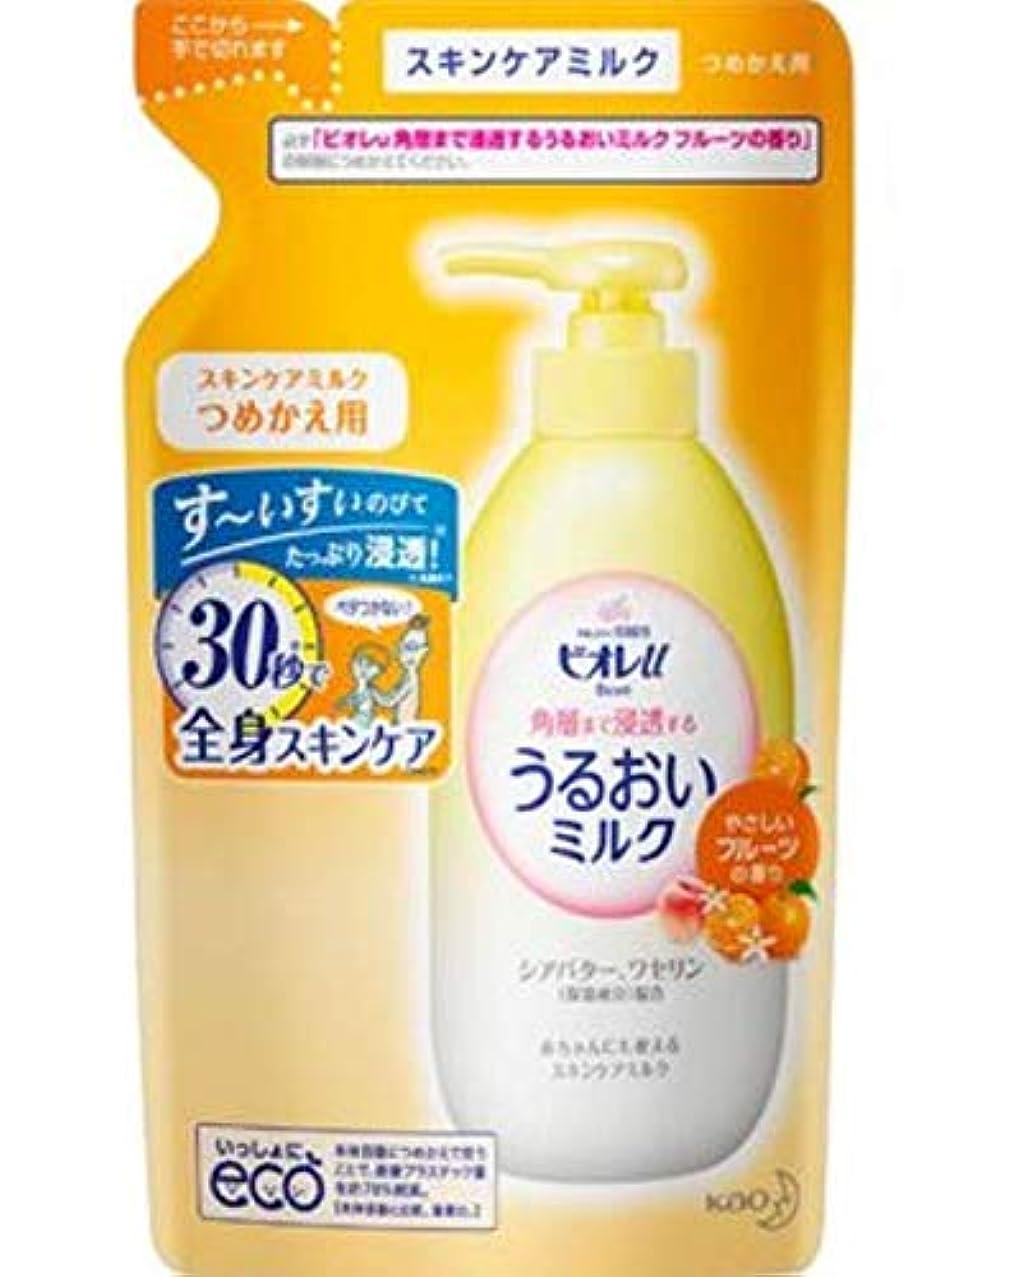 規定最大の配管工ビオレu 角層まで浸透 うるおいミルク フルーツ 250ml 詰替